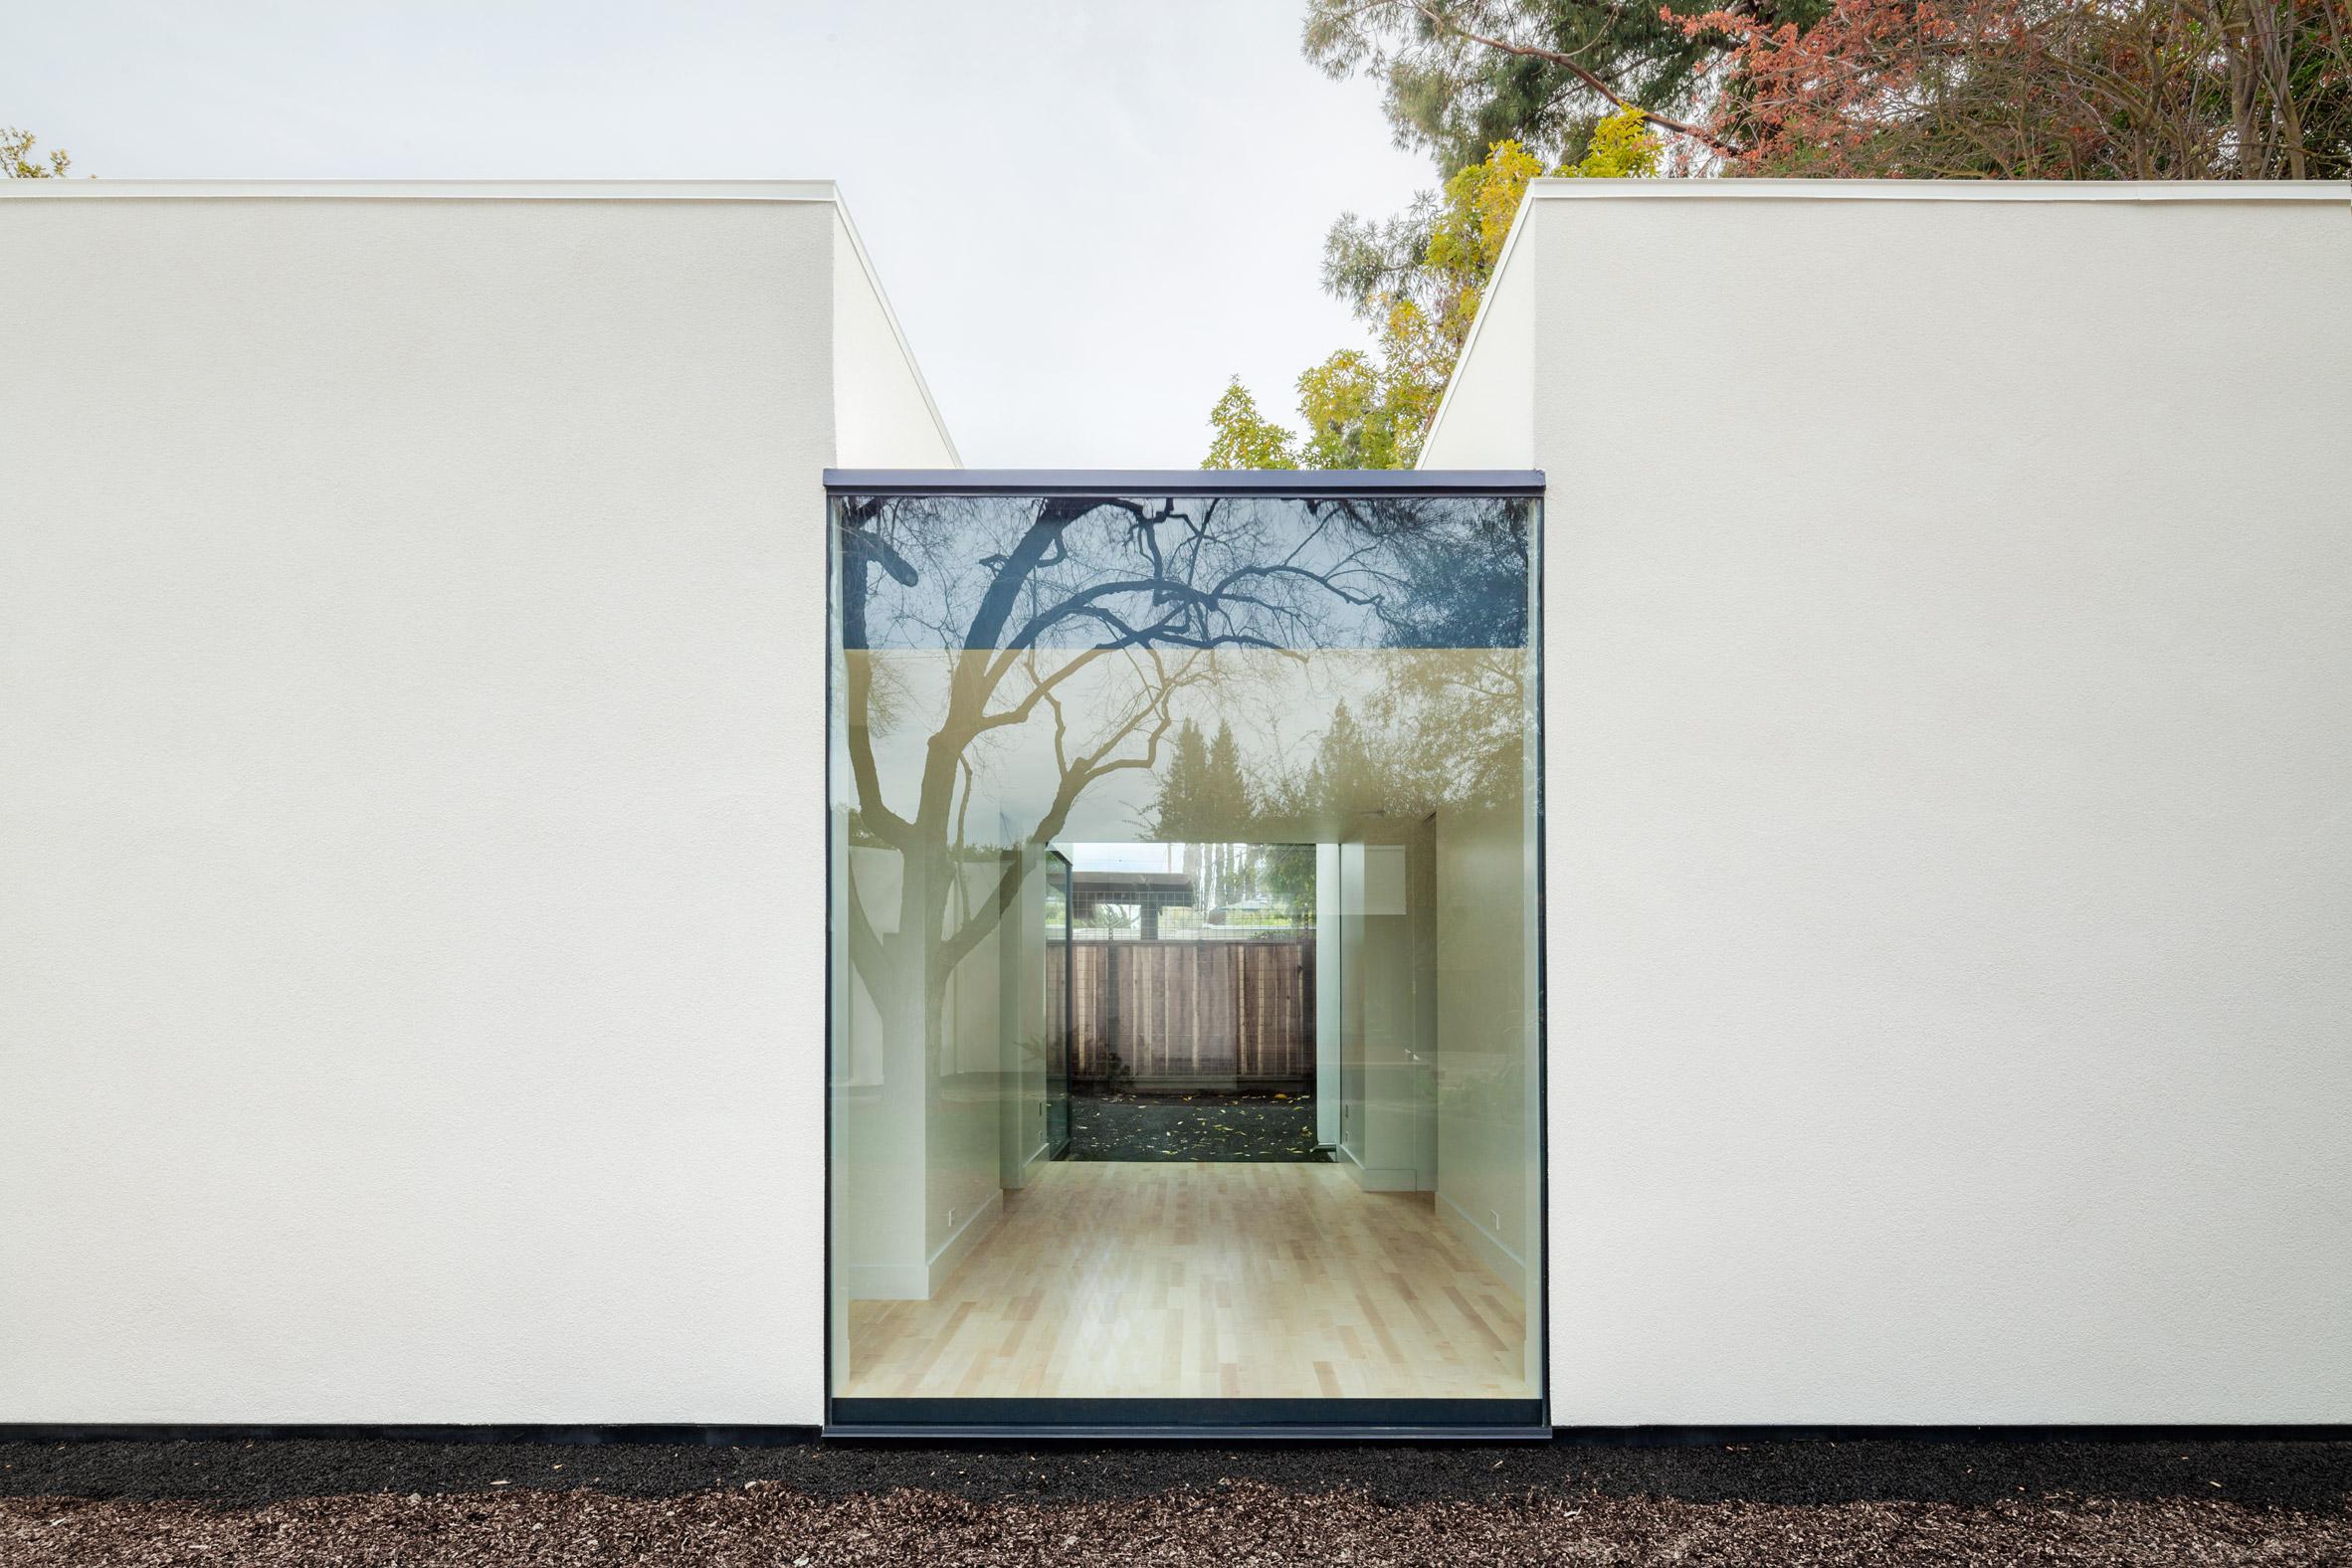 AJ-A gives Palo Alto home extension an all-white exterior